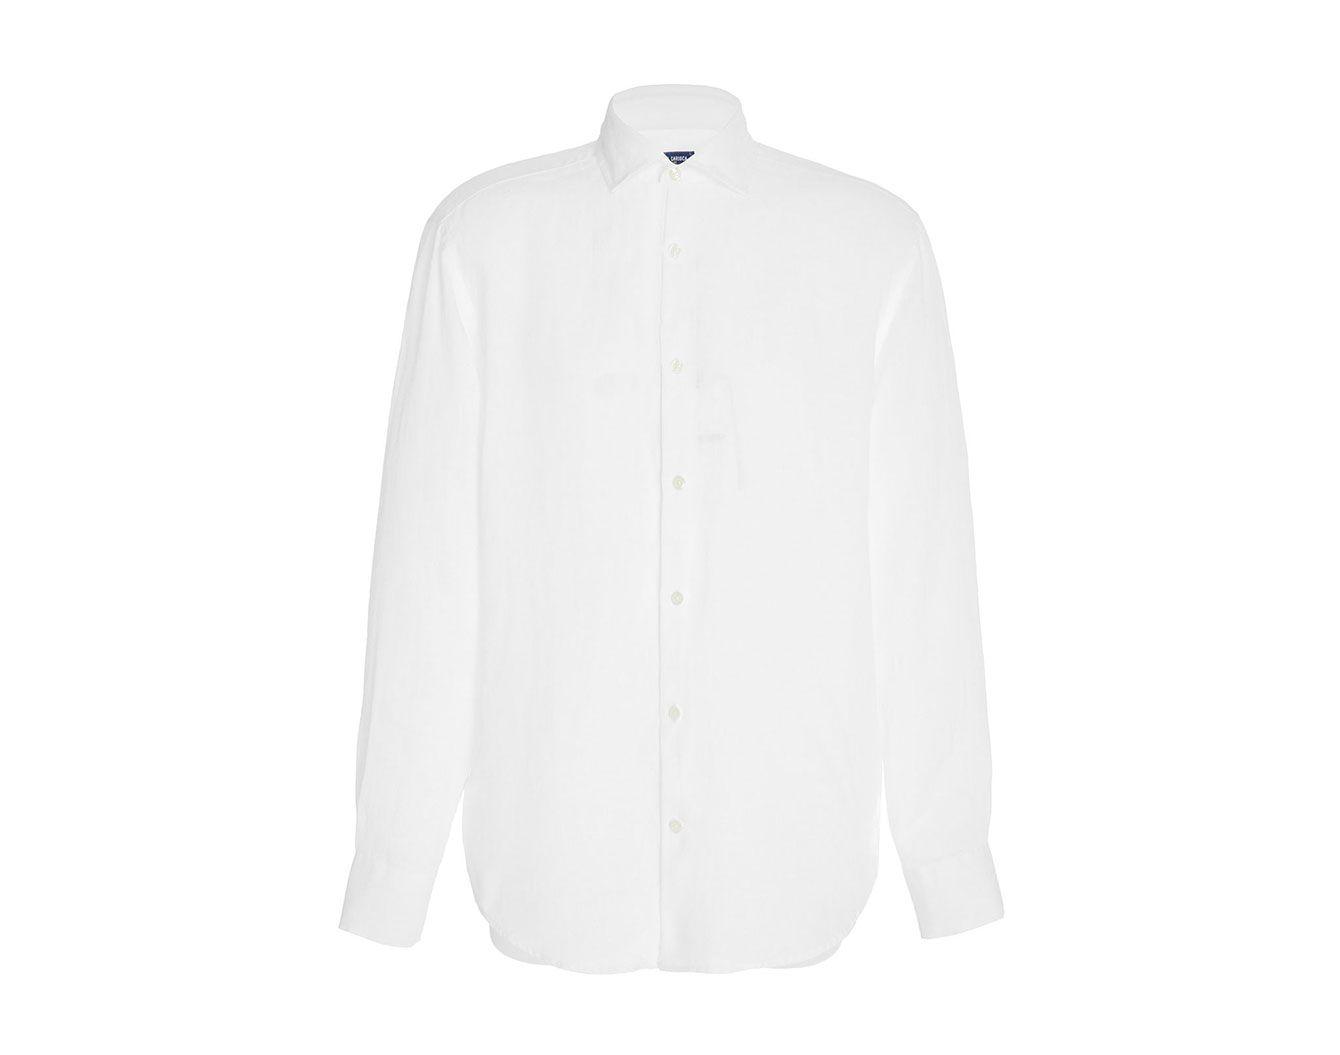 Frescobol Carioca Slim-Fit Linen Button-Up Shirt